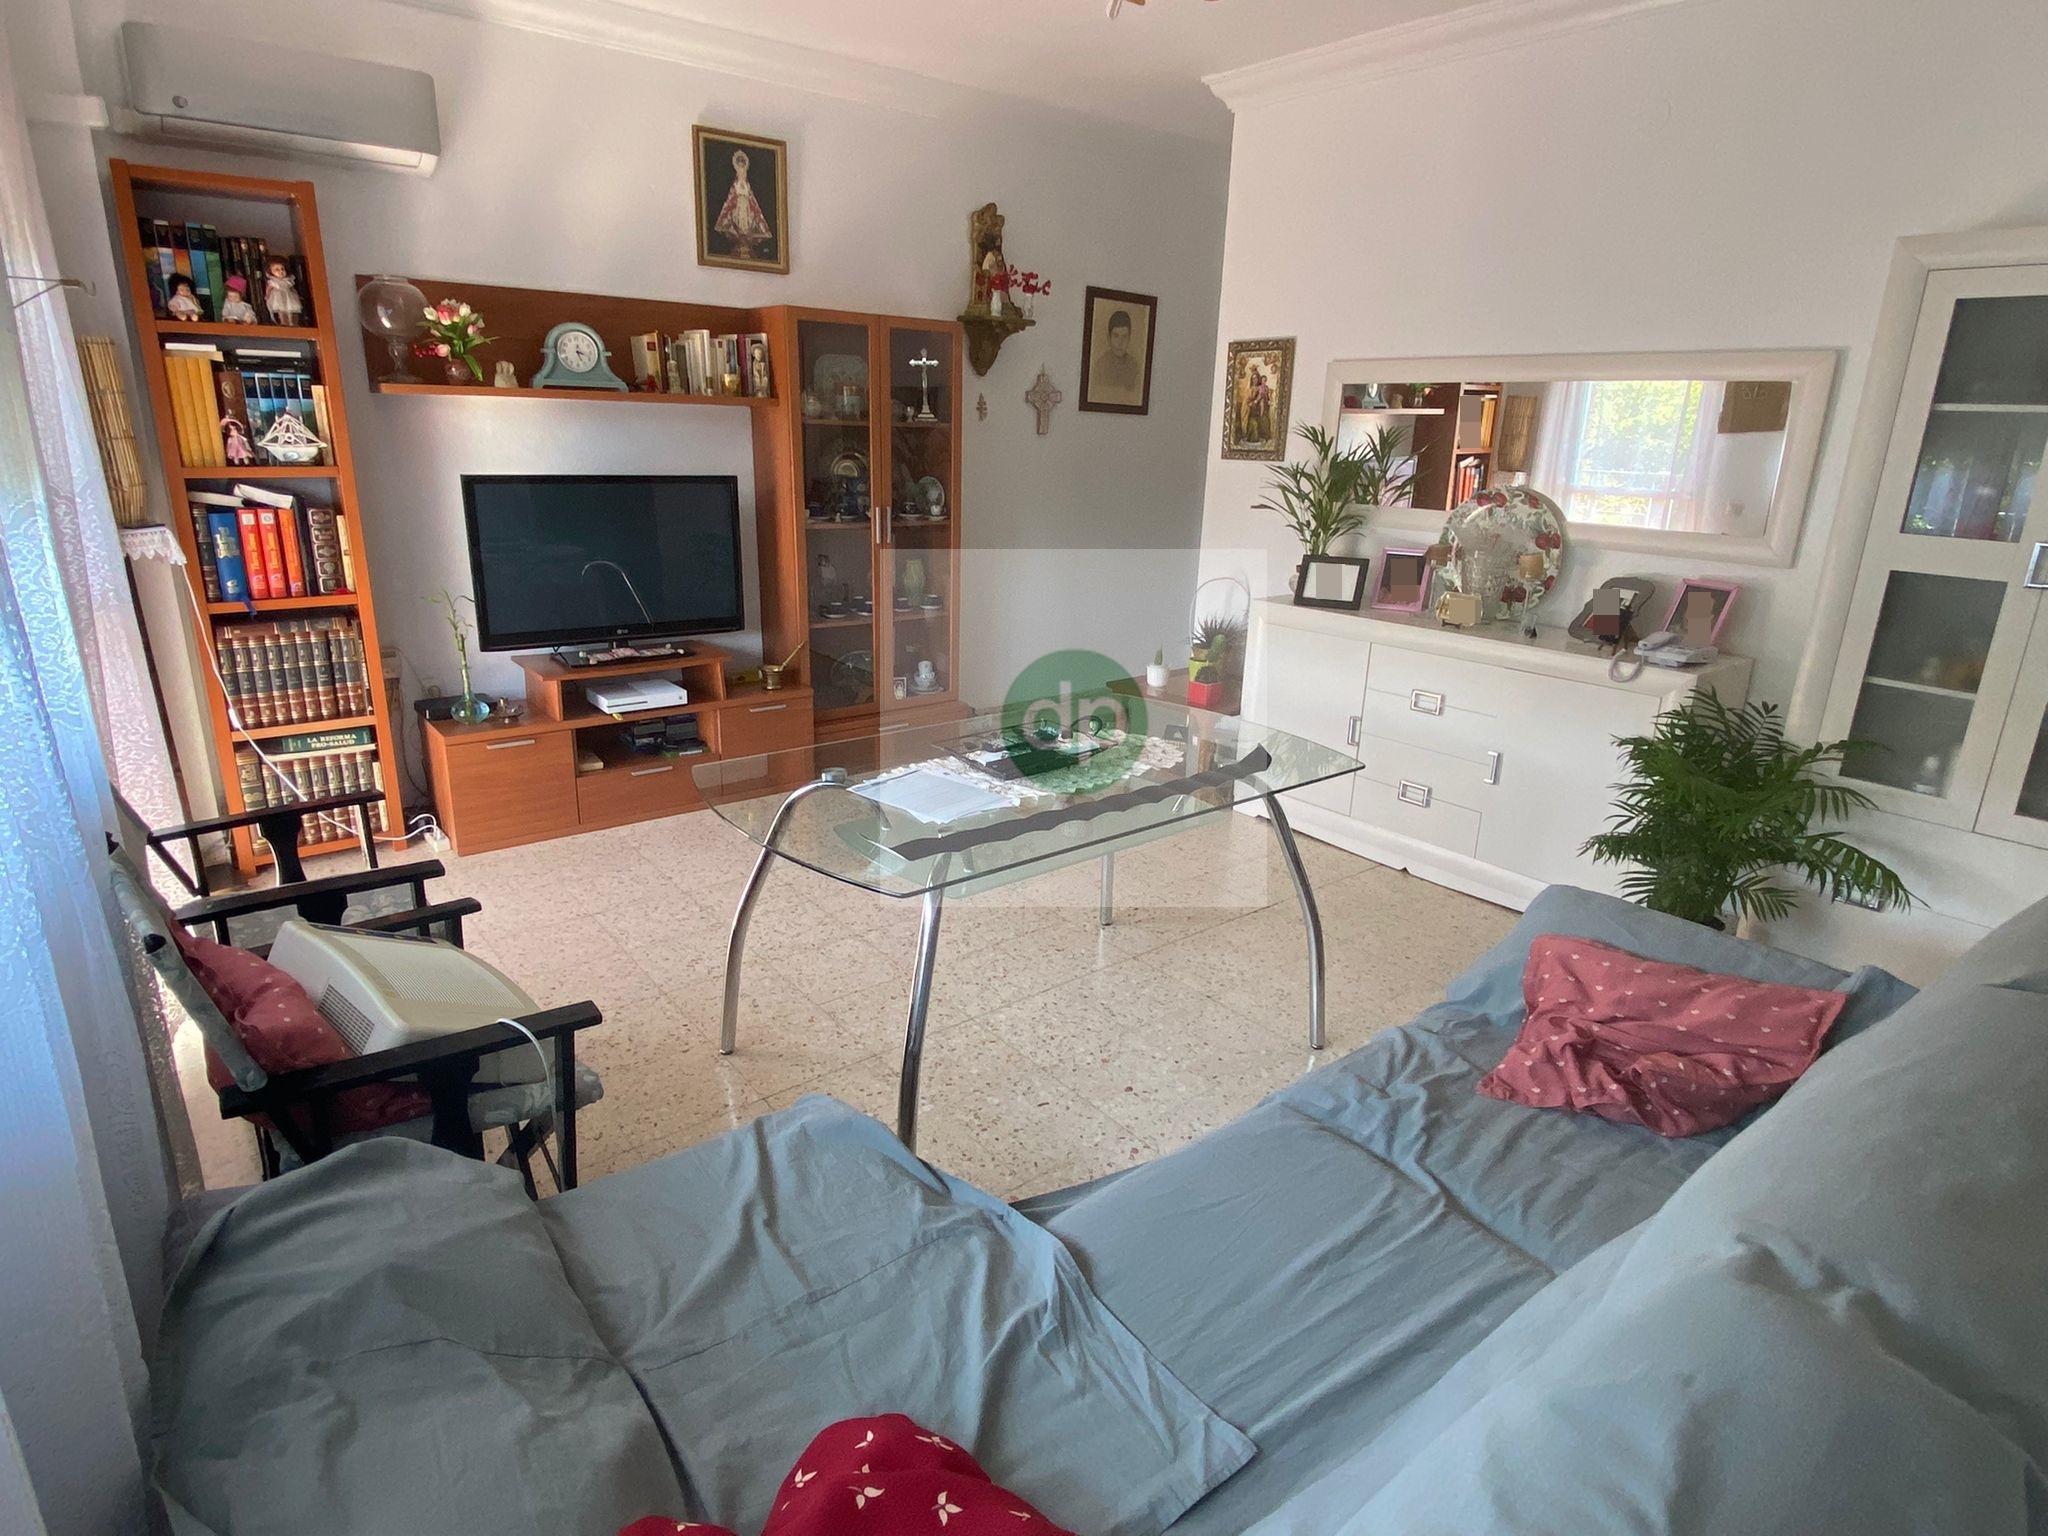 Imagen 3 Piso en venta en Badajoz / San Roque - La Picuriña. En plena avenida.